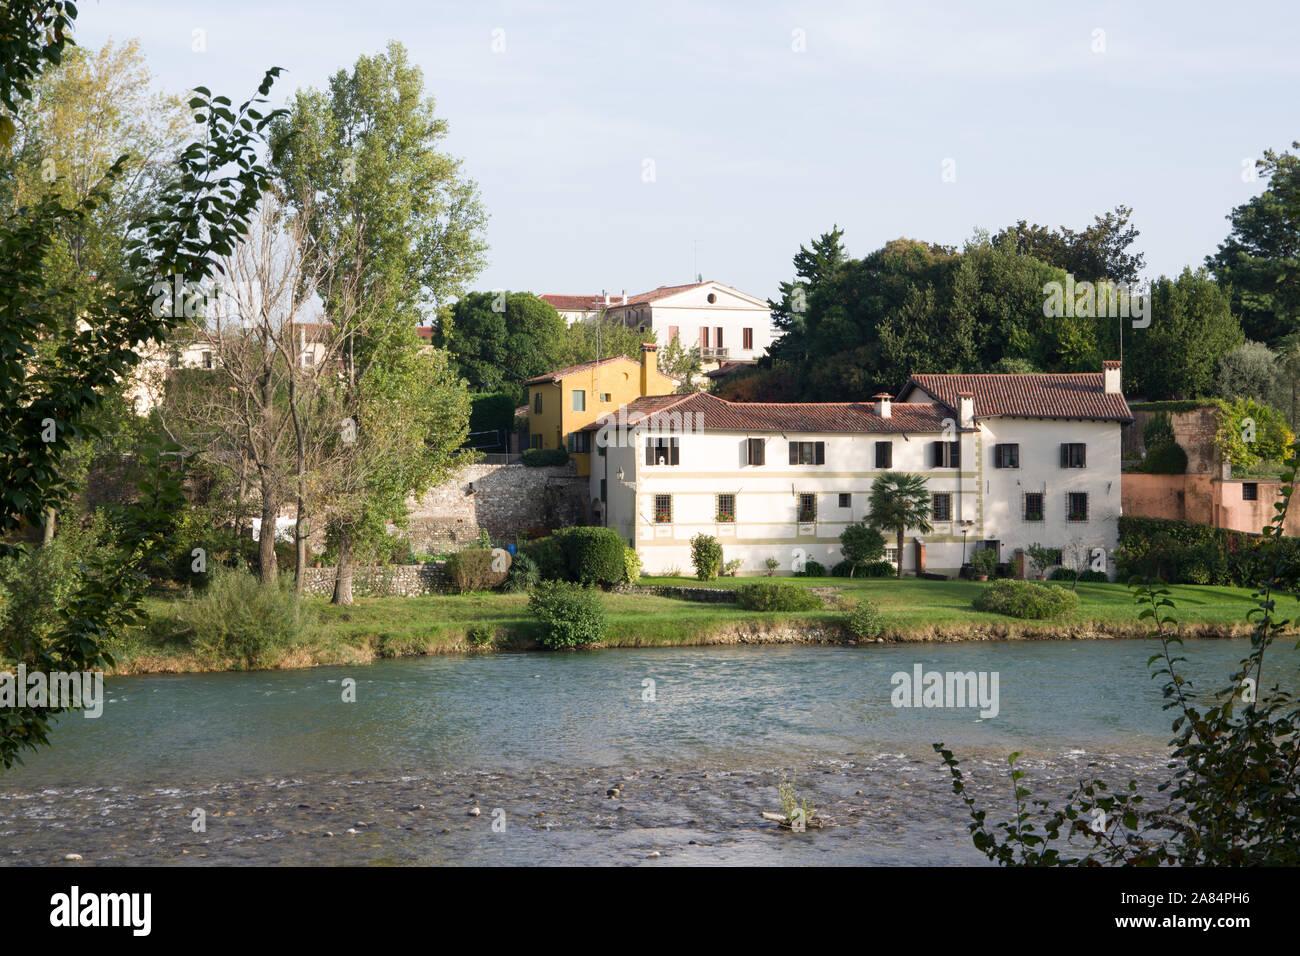 Bassano del Grappa, Italie, 10/22/2019 , voir des bâtiments sur le côté est de la rivière Brenta à Bassano del Grappa. Banque D'Images